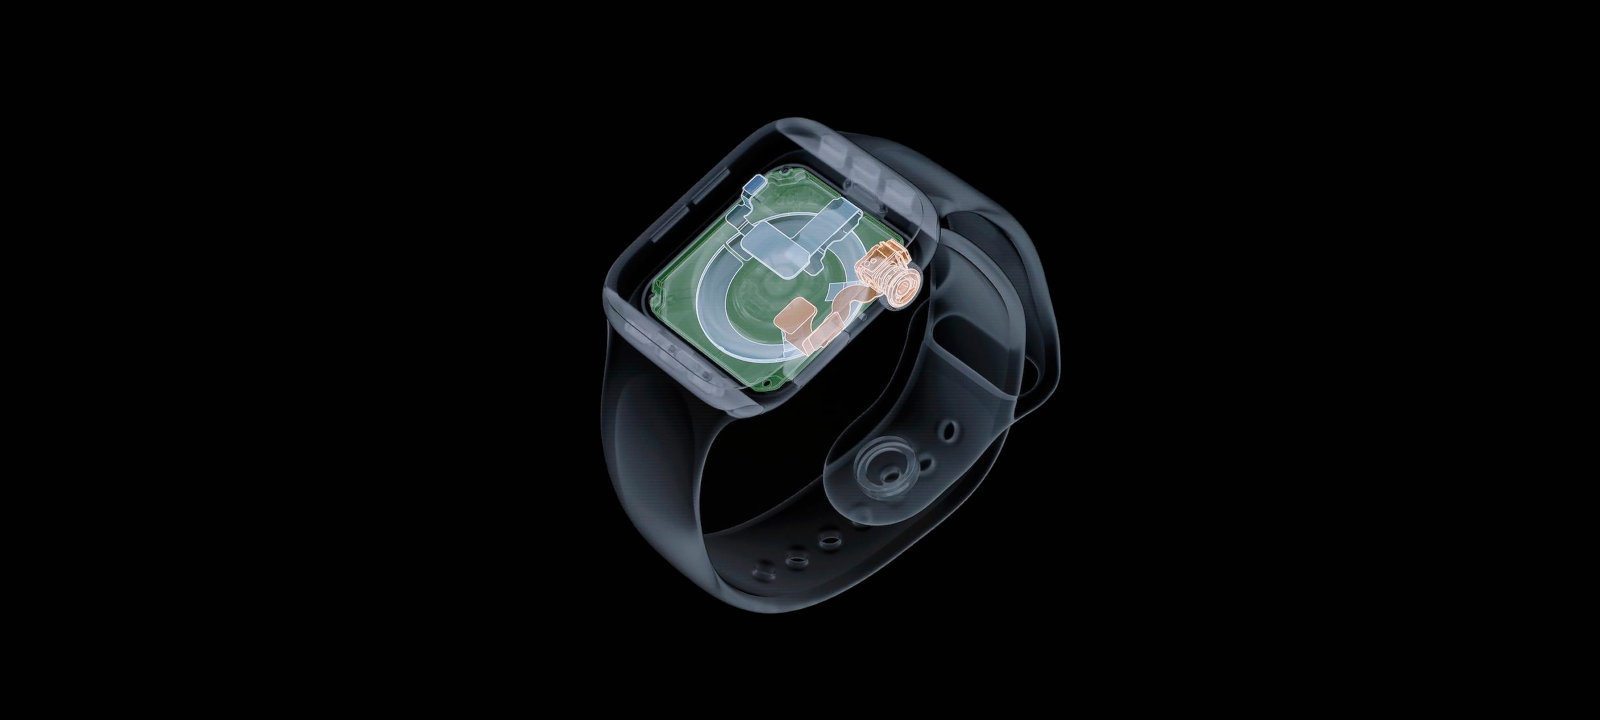 Часы наизнанку. Извлекаем и анализируем данные Apple Watch